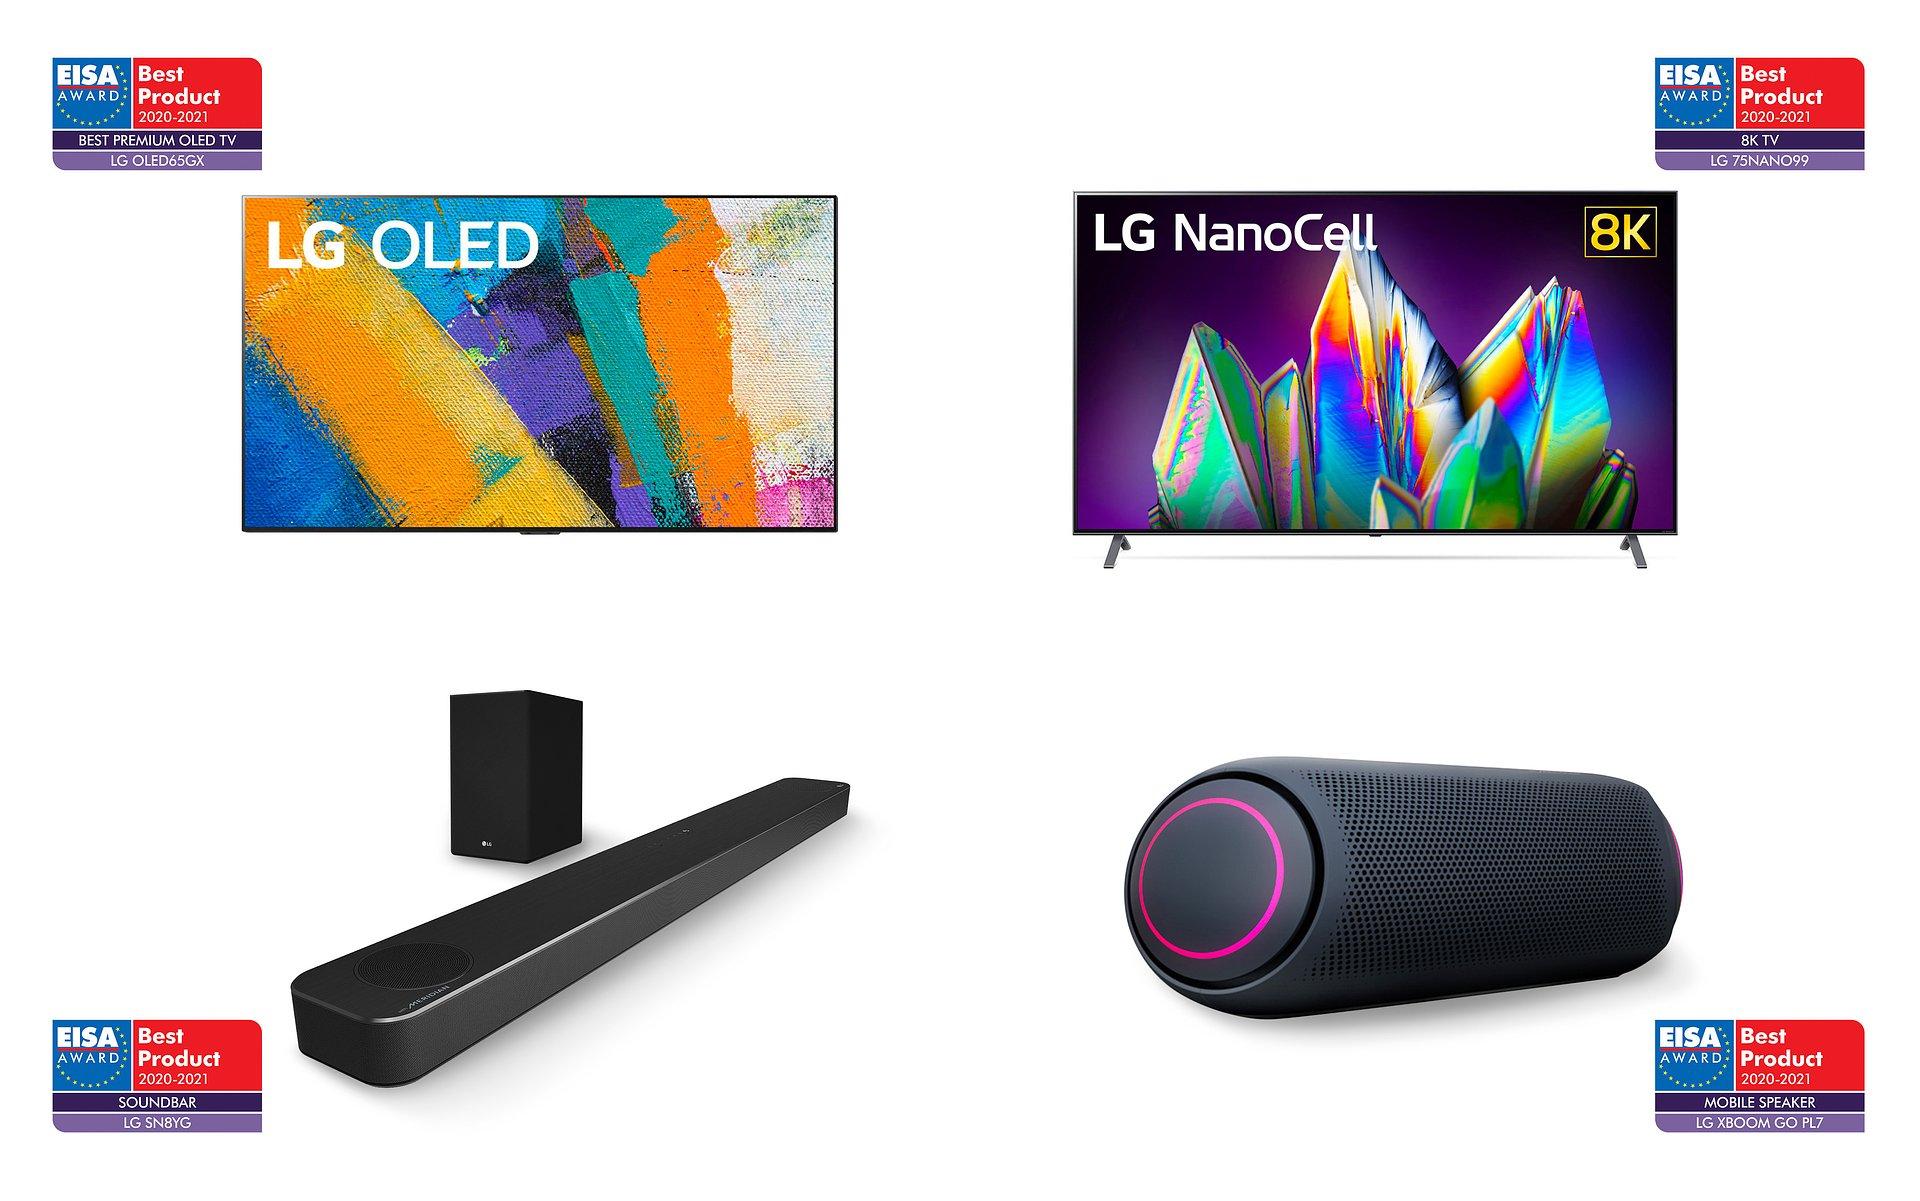 Telewizory i produkty audio firmy LG odniosły wielki sukces w konkursie EISA Awards 2020